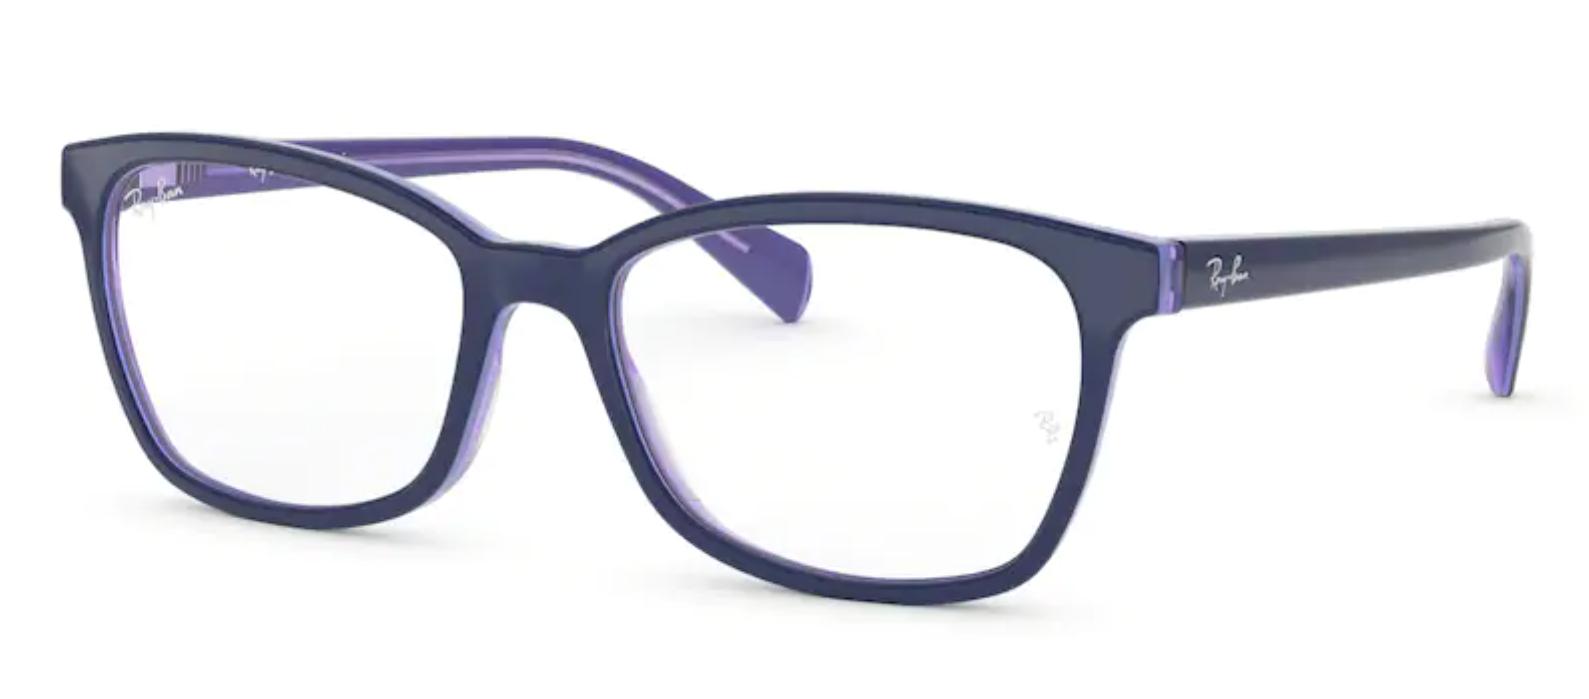 Óculos de Grau Ray Ban Azul Roxo Feminino RB5362 5776 Tam. 54